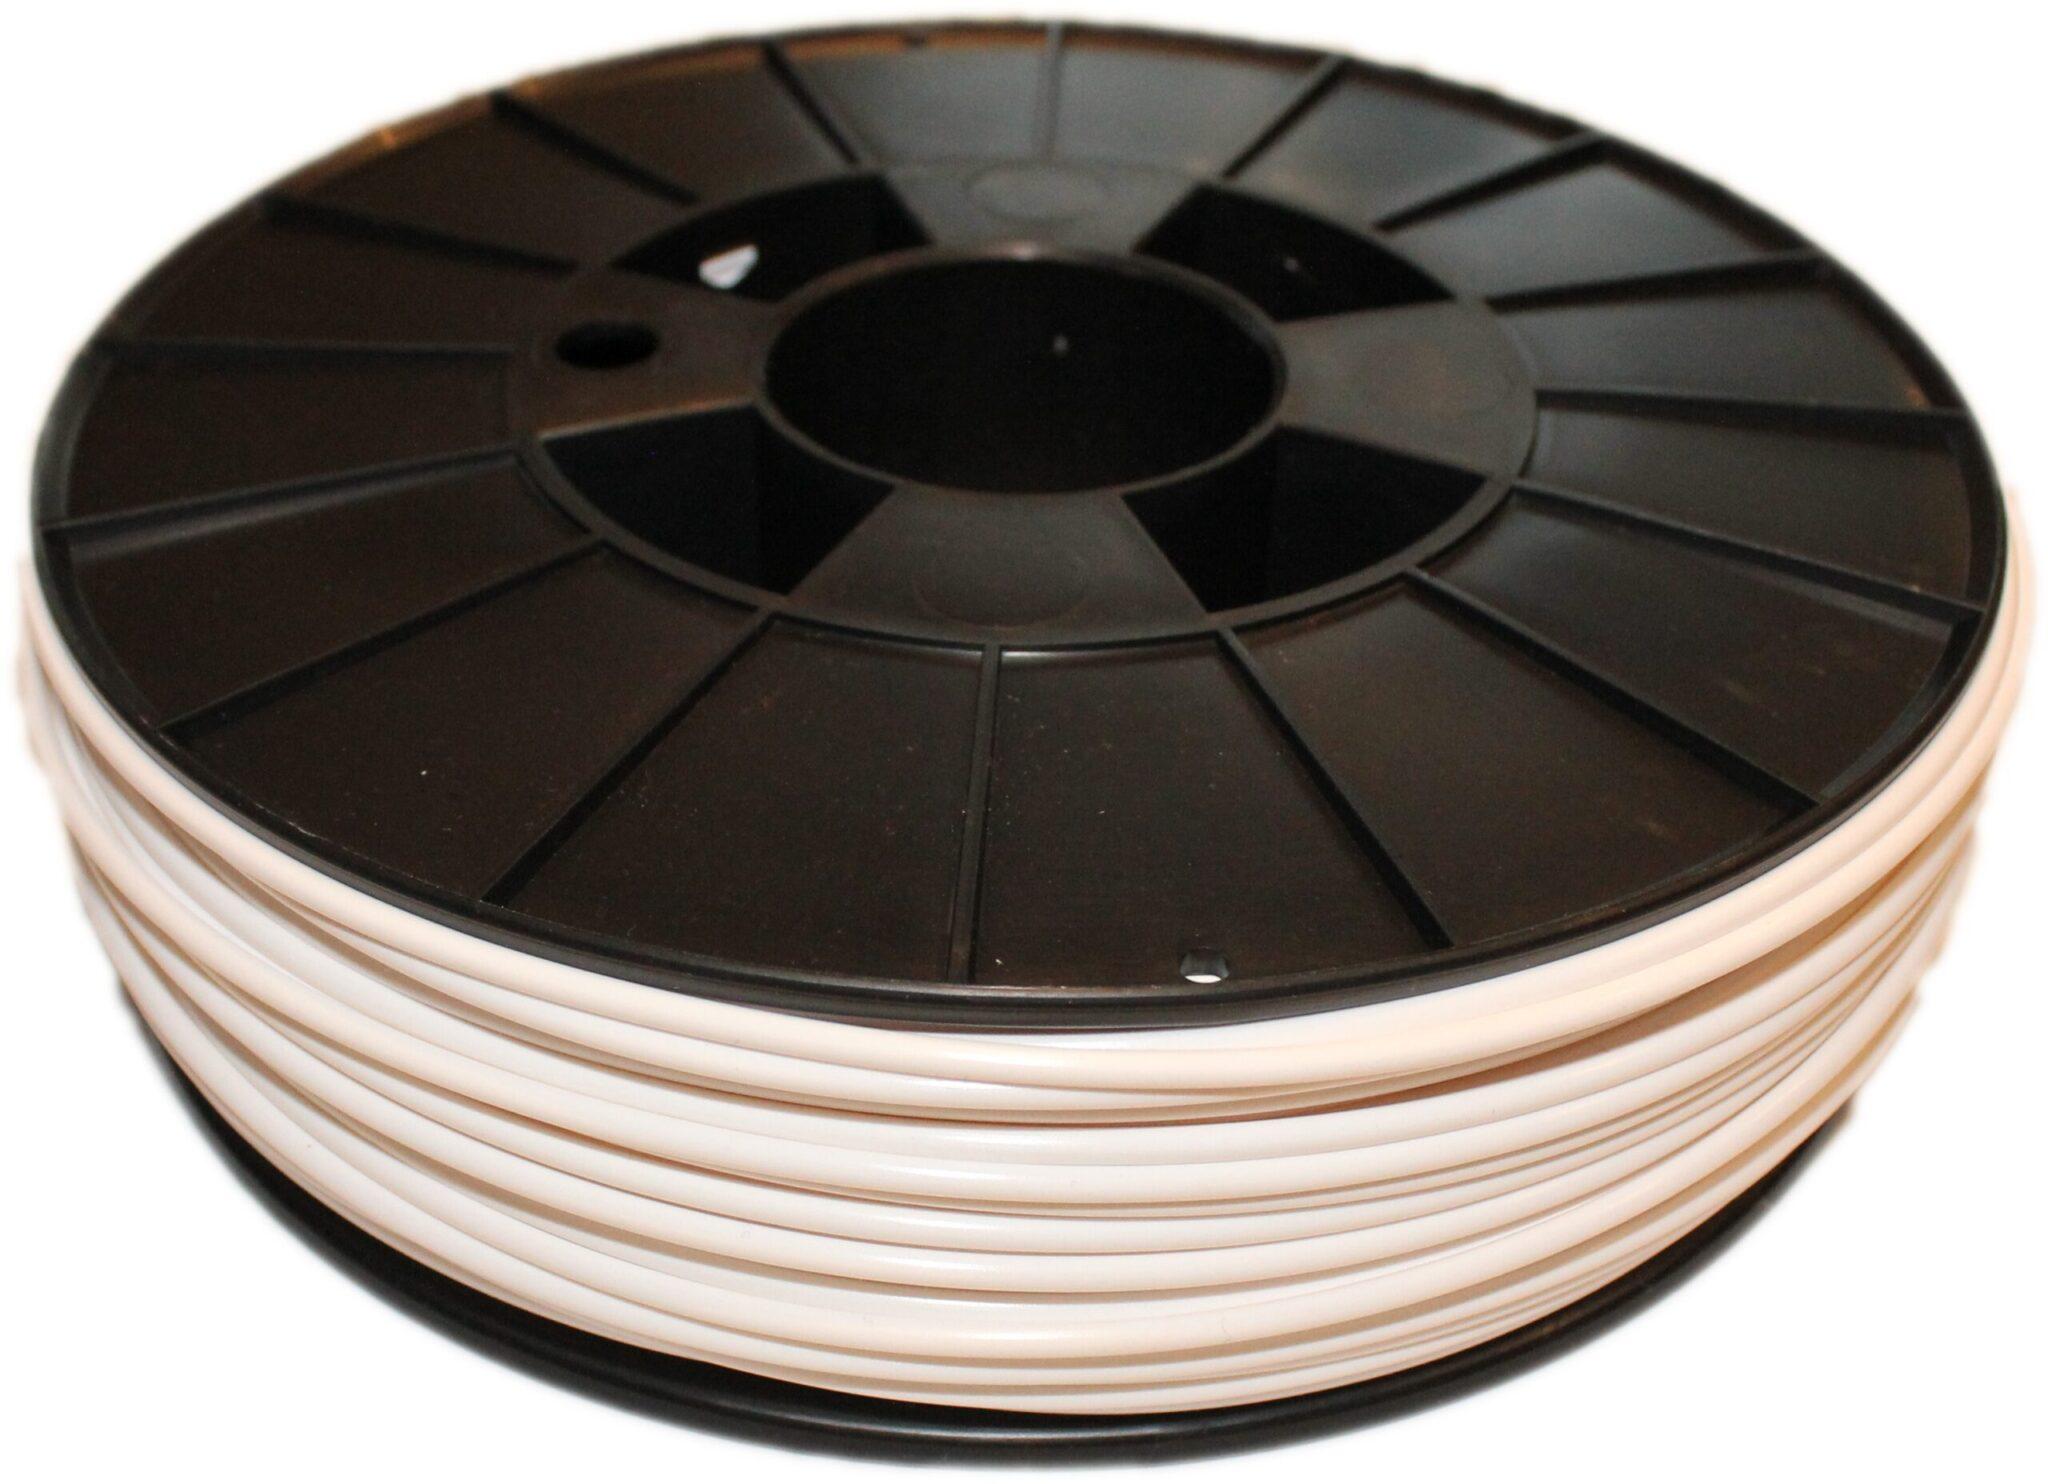 Aurarum PLA 3D Printer Filament - White 2.85mm 1Kg